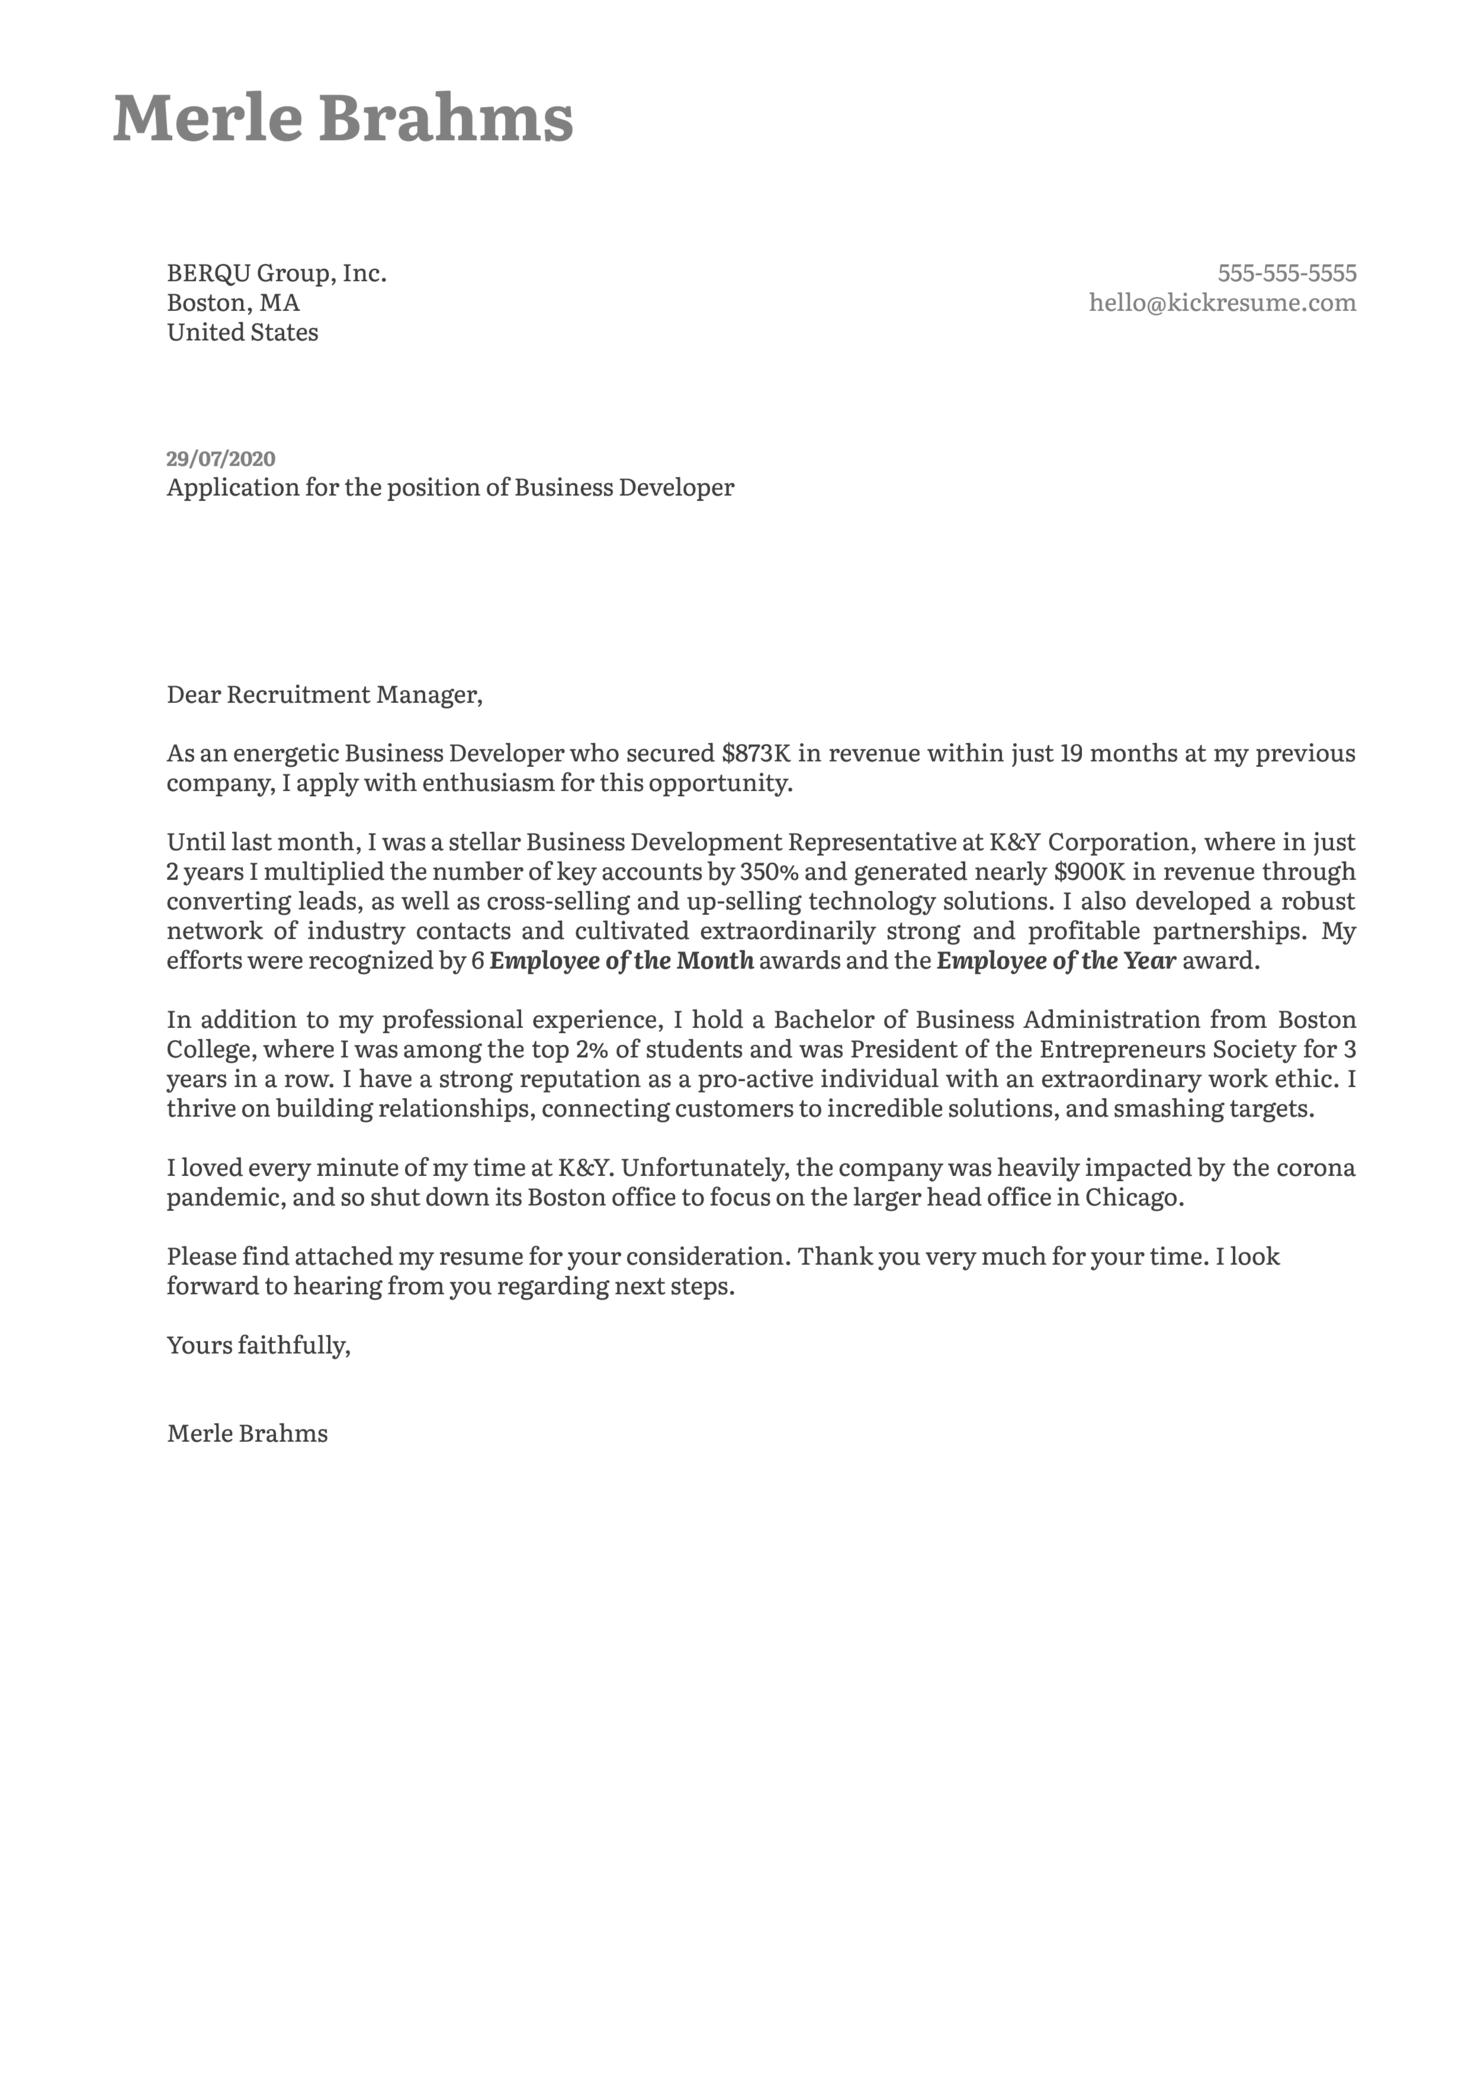 Business Developer Cover Letter Example